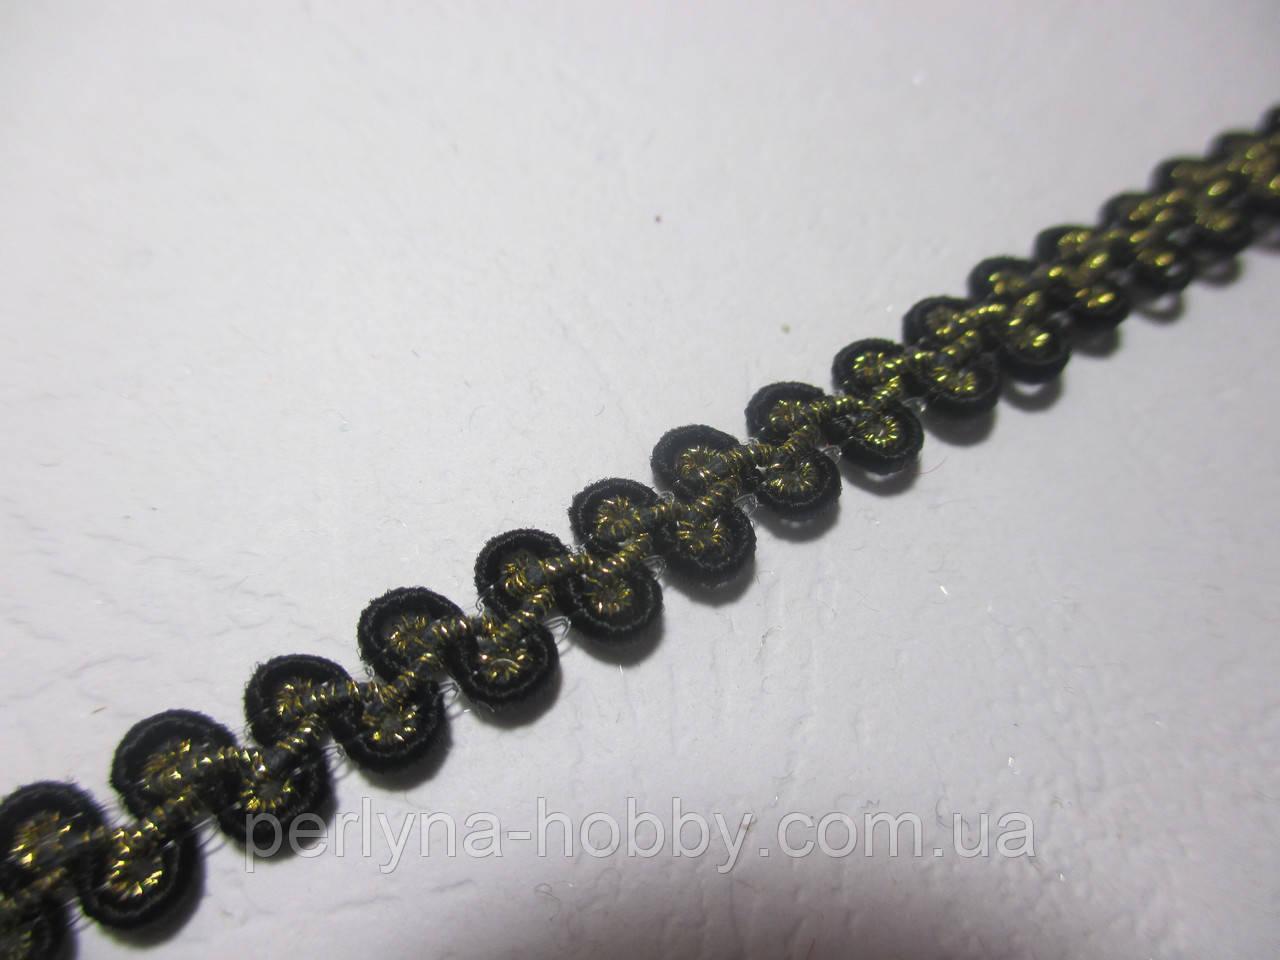 Тесьма декоративная Тасьма  декоративна шанель вузька 6мм,  чорна з золотою ниткою